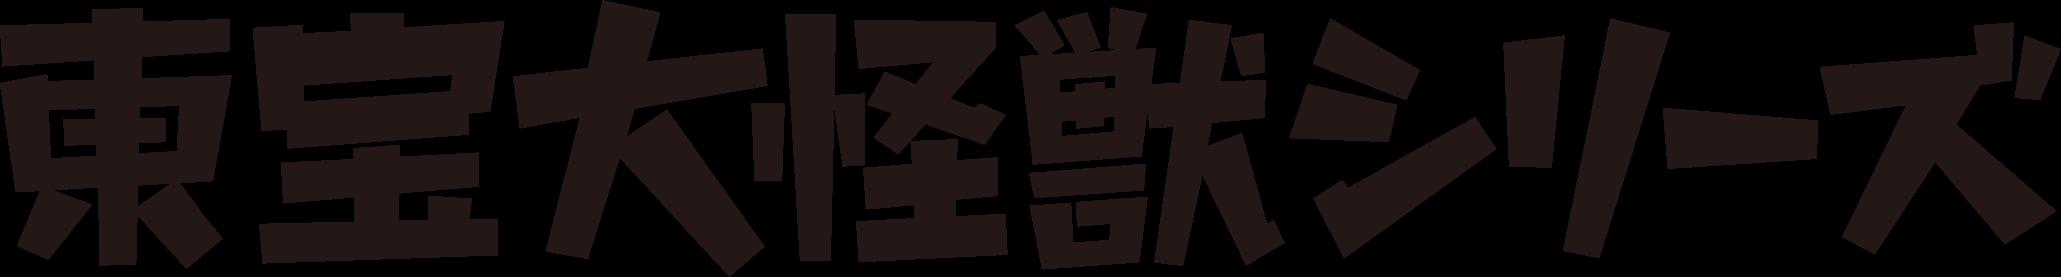 Toho Daikaiju